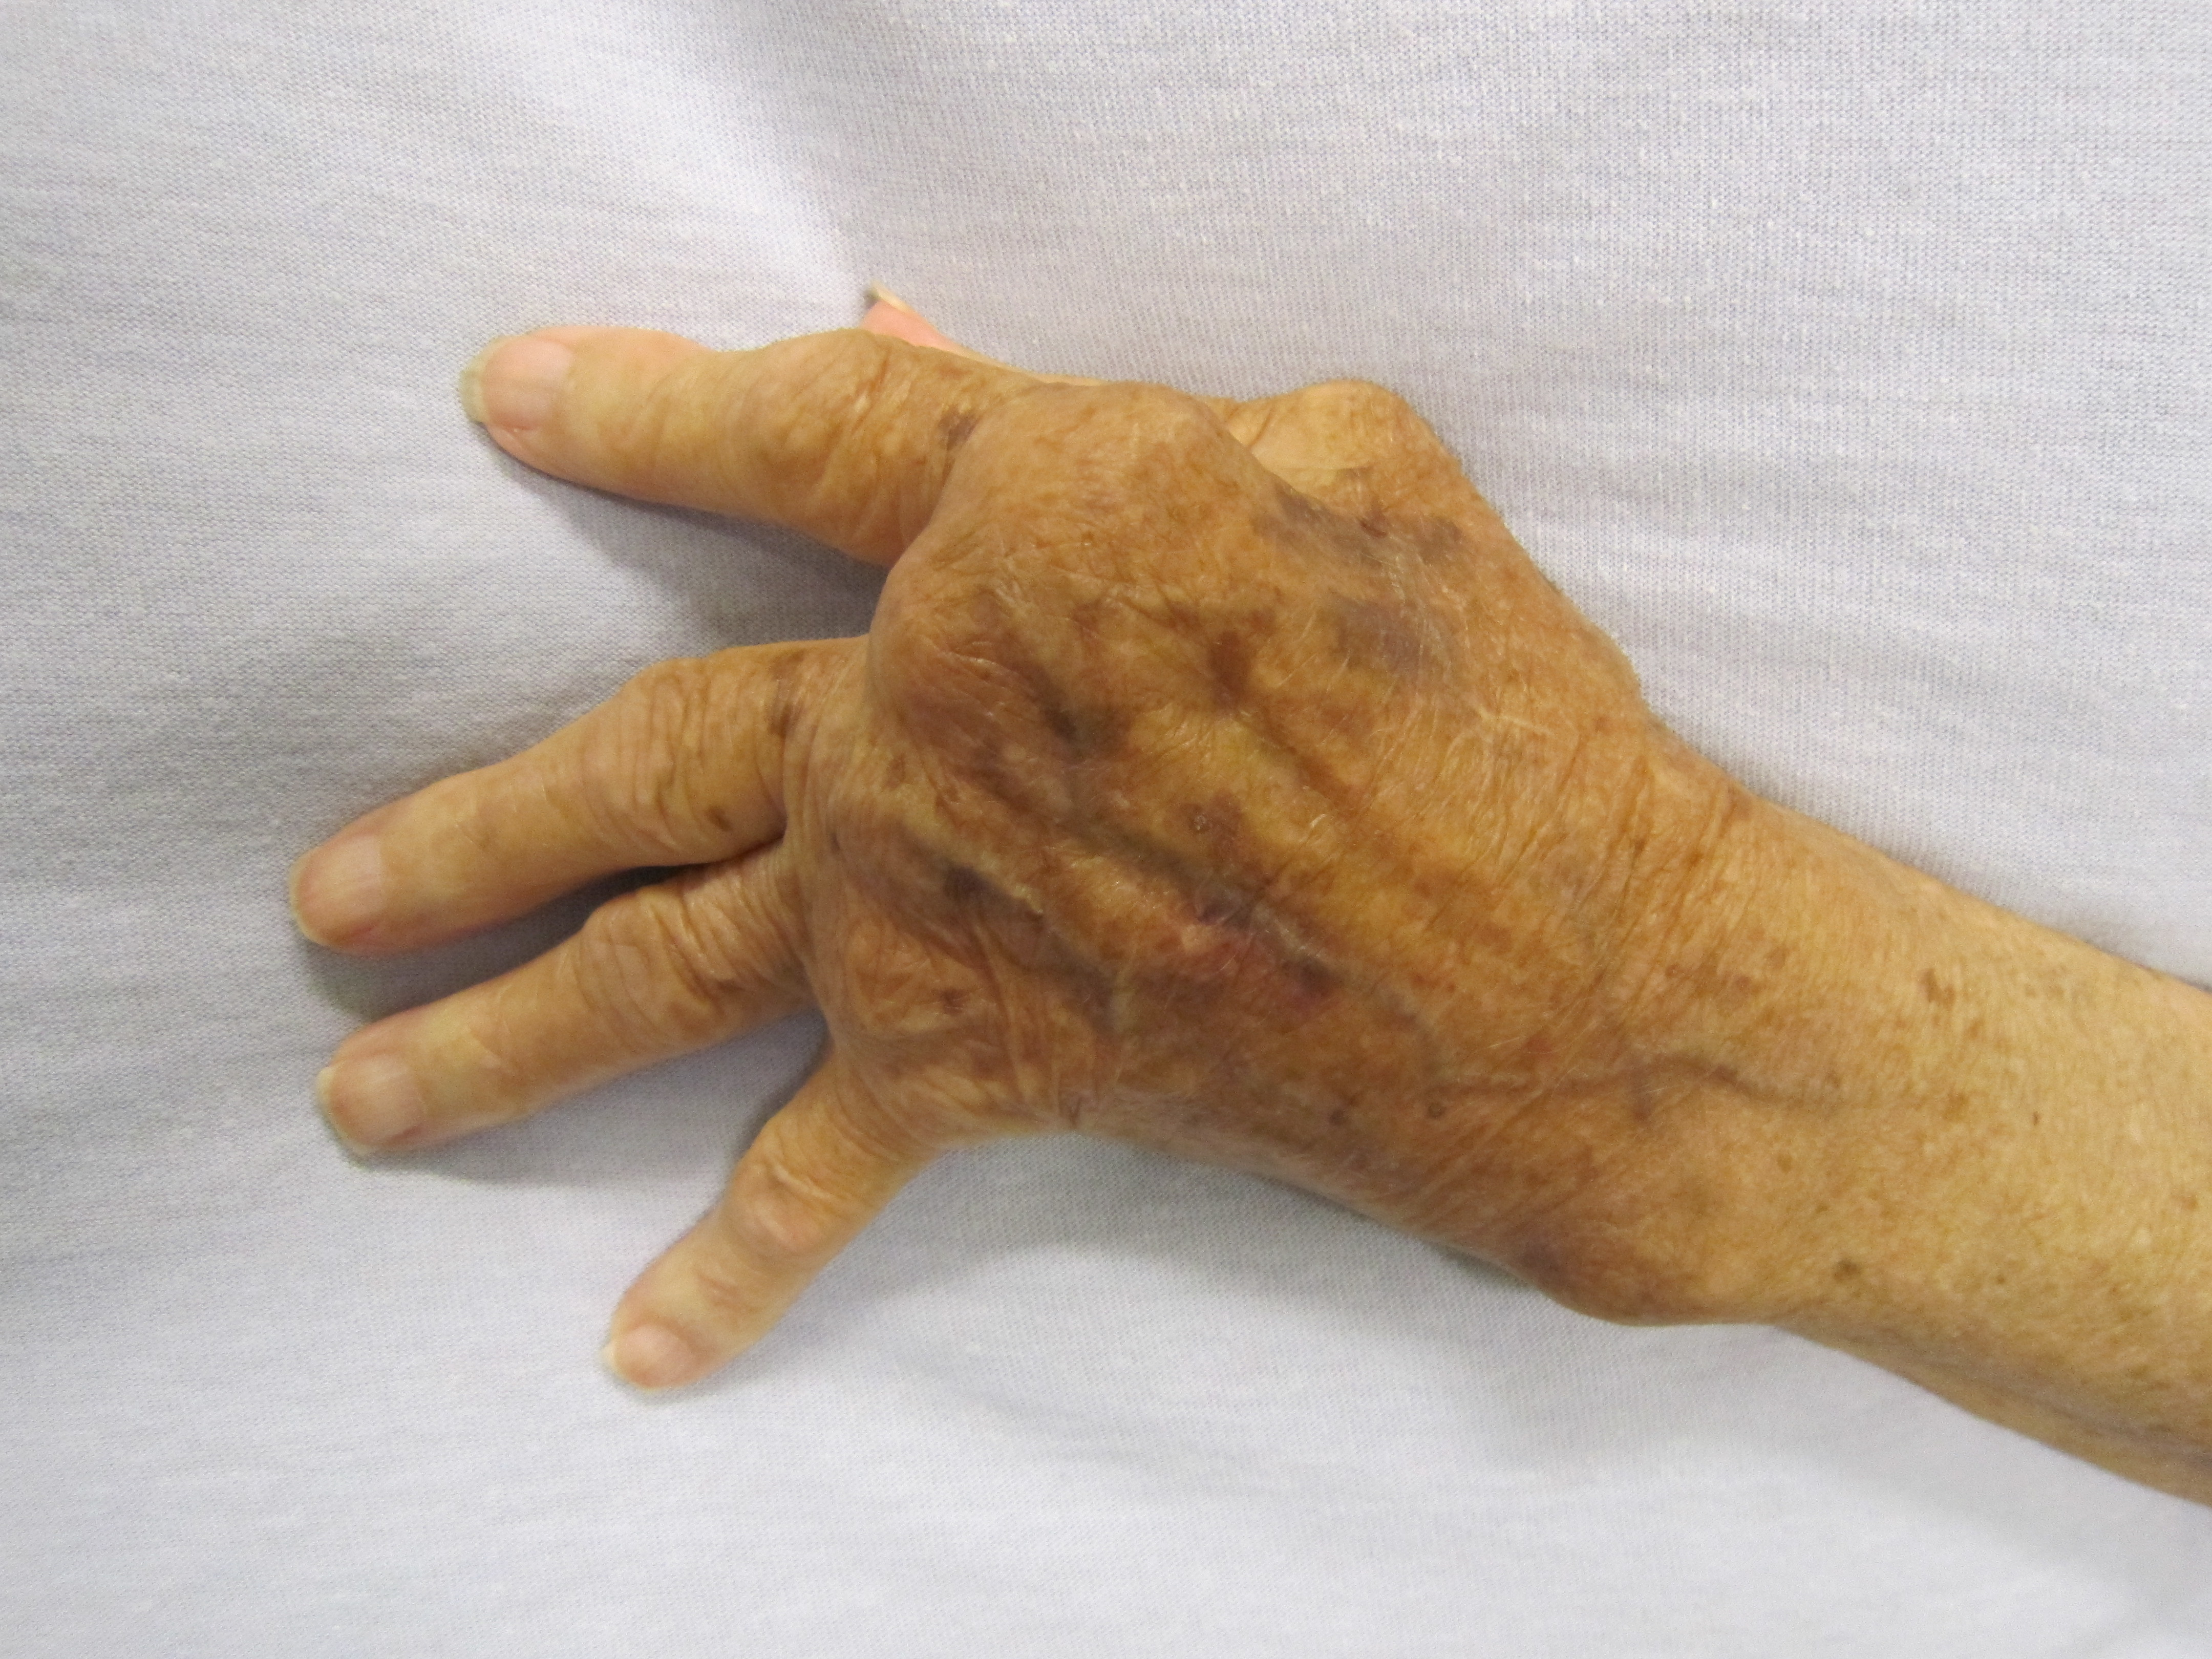 kéz artrosis kezelési tabletták